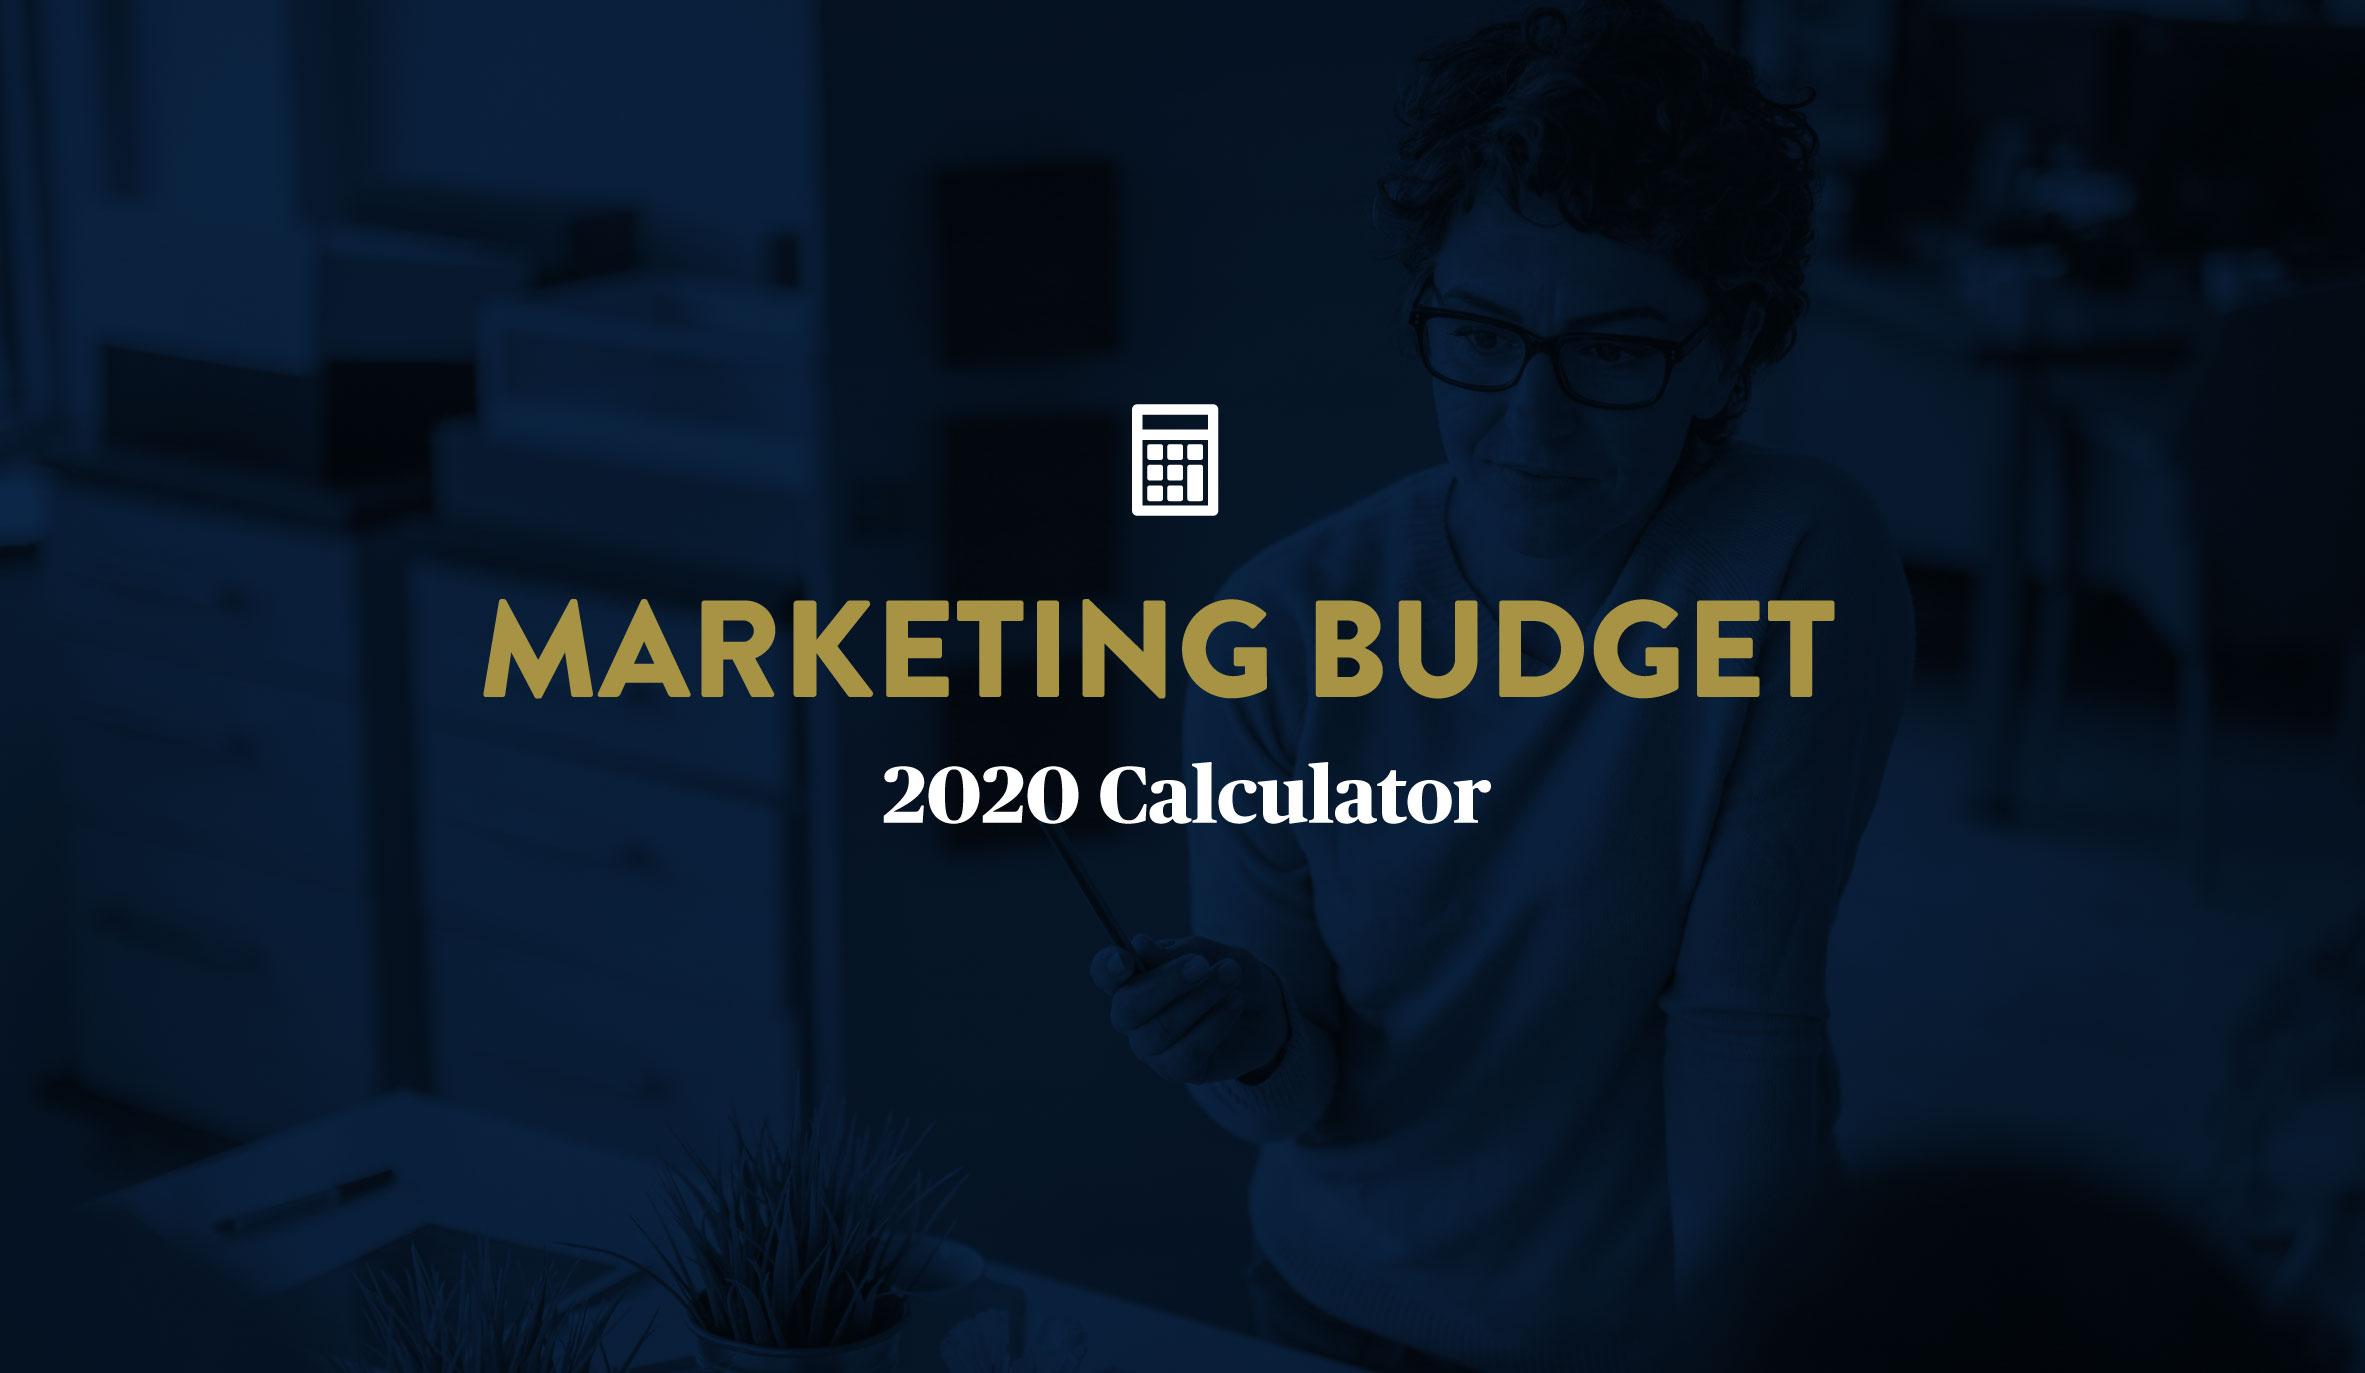 Marketing Budget Breakdown for 2020